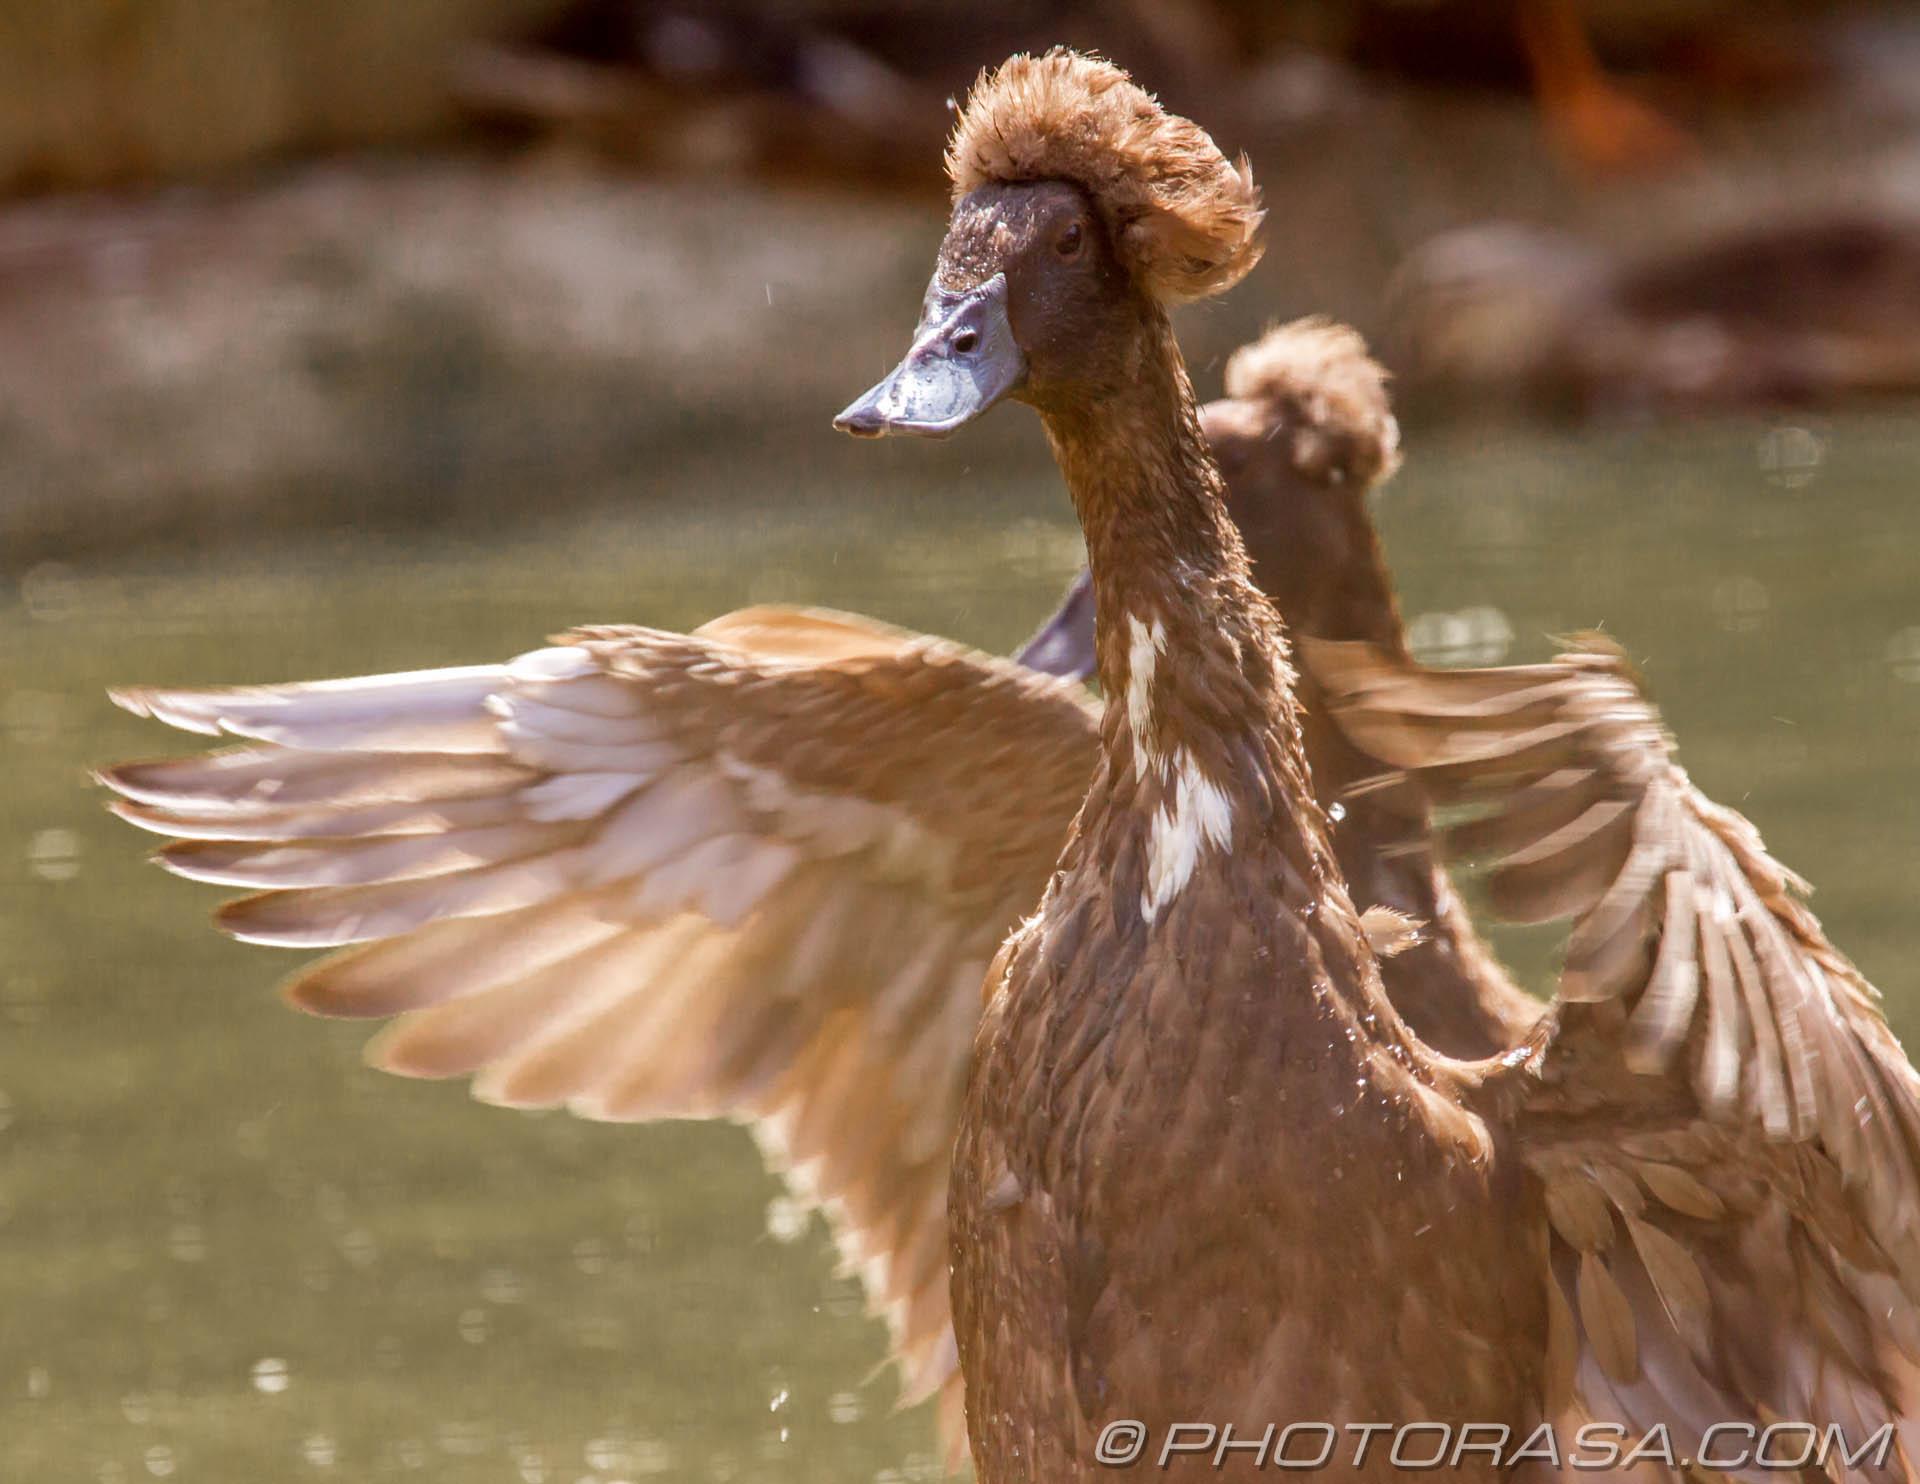 https://photorasa.com/birds-greenworld/bali-indian-runner-duck-in-a-flap/